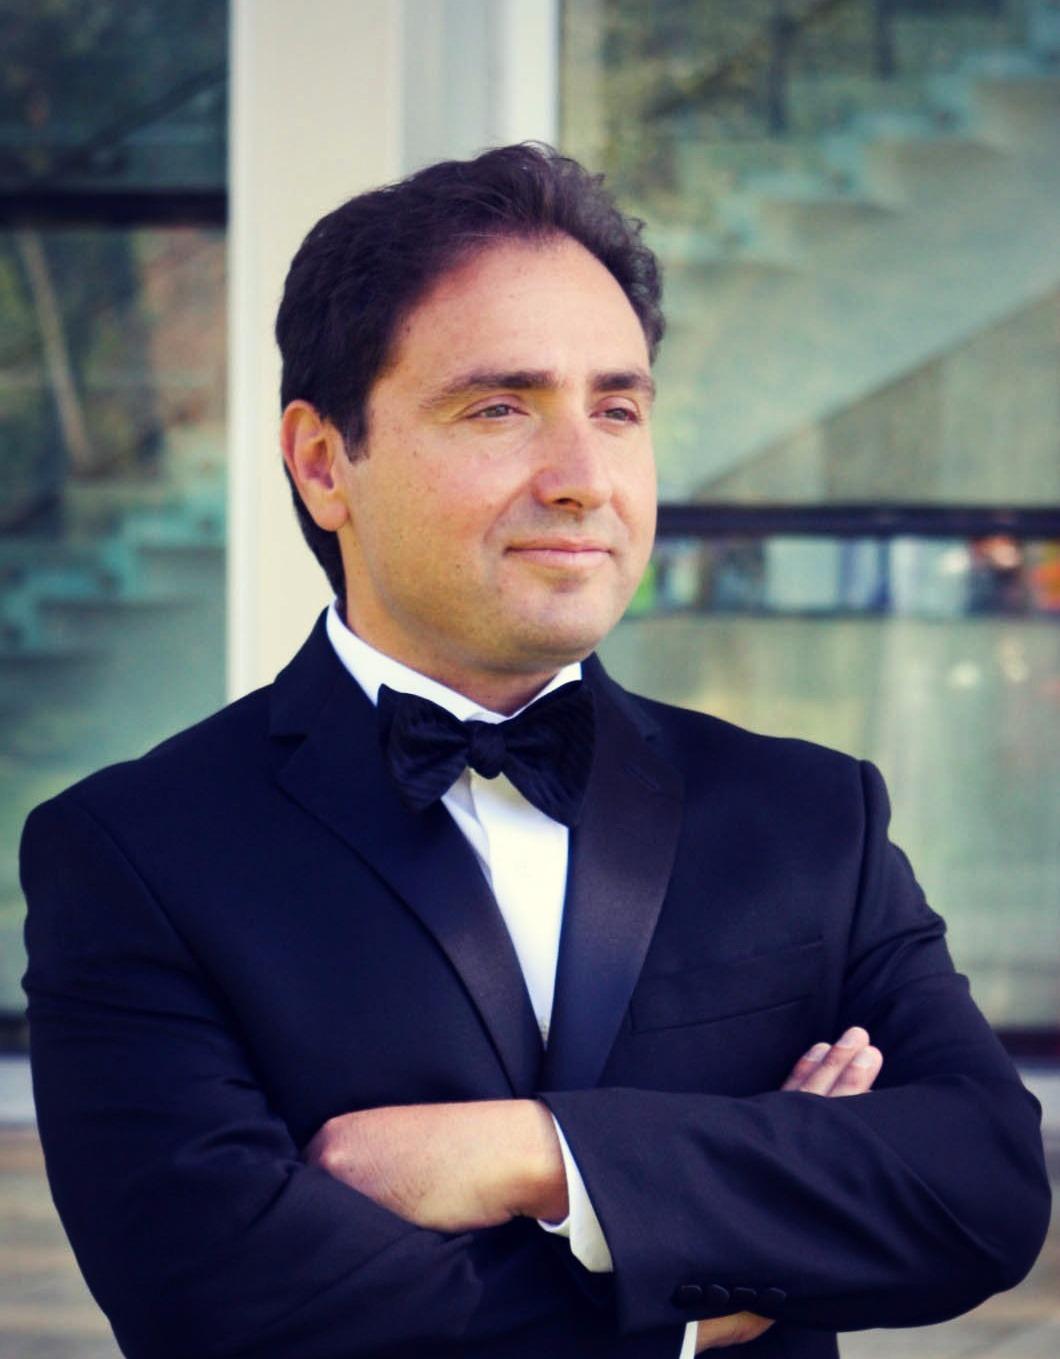 Dr. Mikhail Shtangrud, Artistic Director